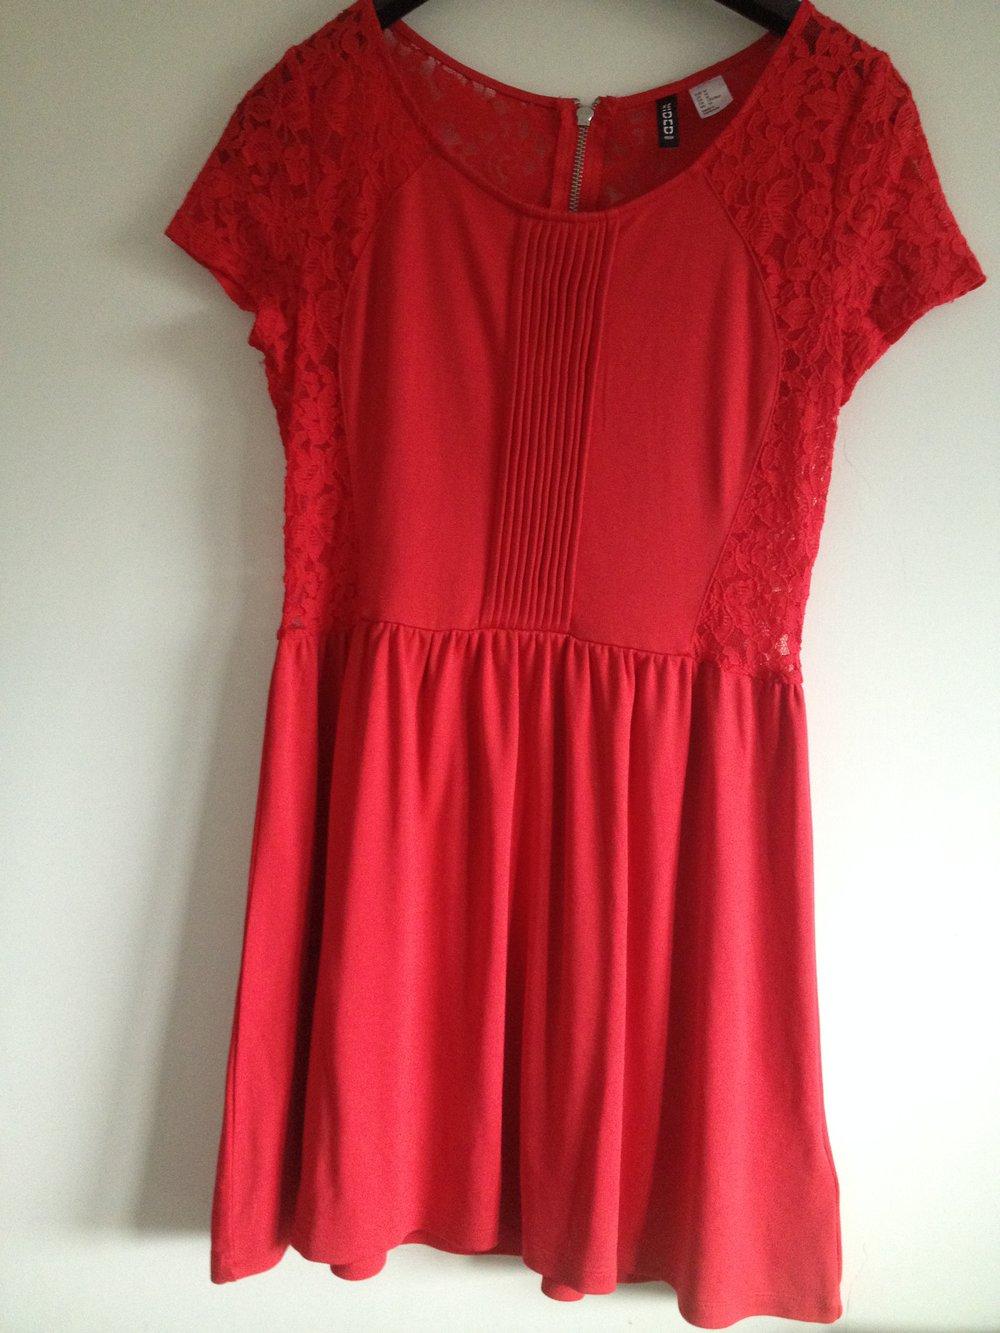 Von Kleid H Divided Rotes Mit amp;m Schönes Größe M Spitze nON80wkPX